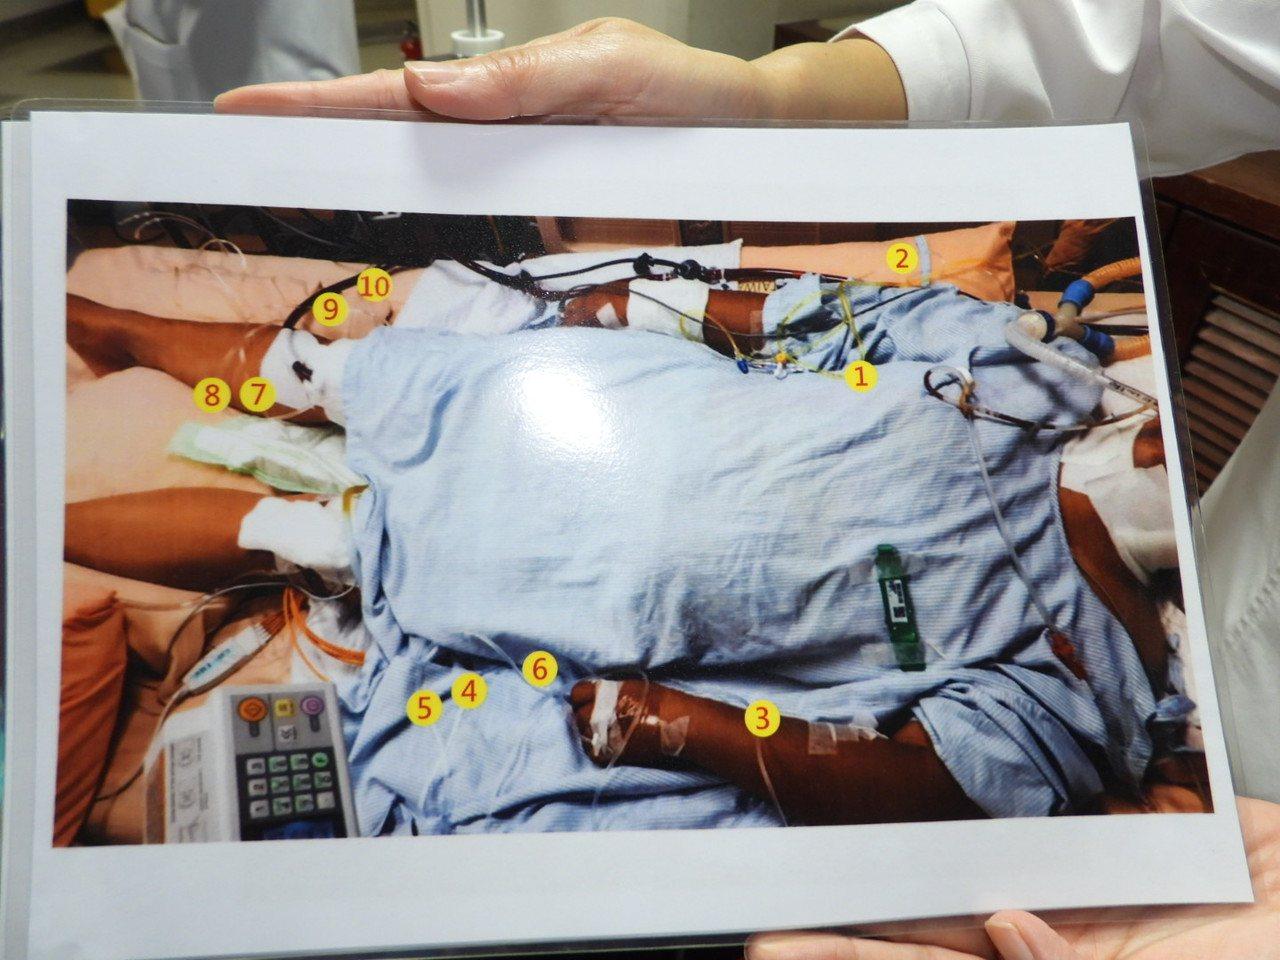 急救病患身上往往需要裝上十多種管線,忙中有錯風險不低。記者周宗禎/攝影